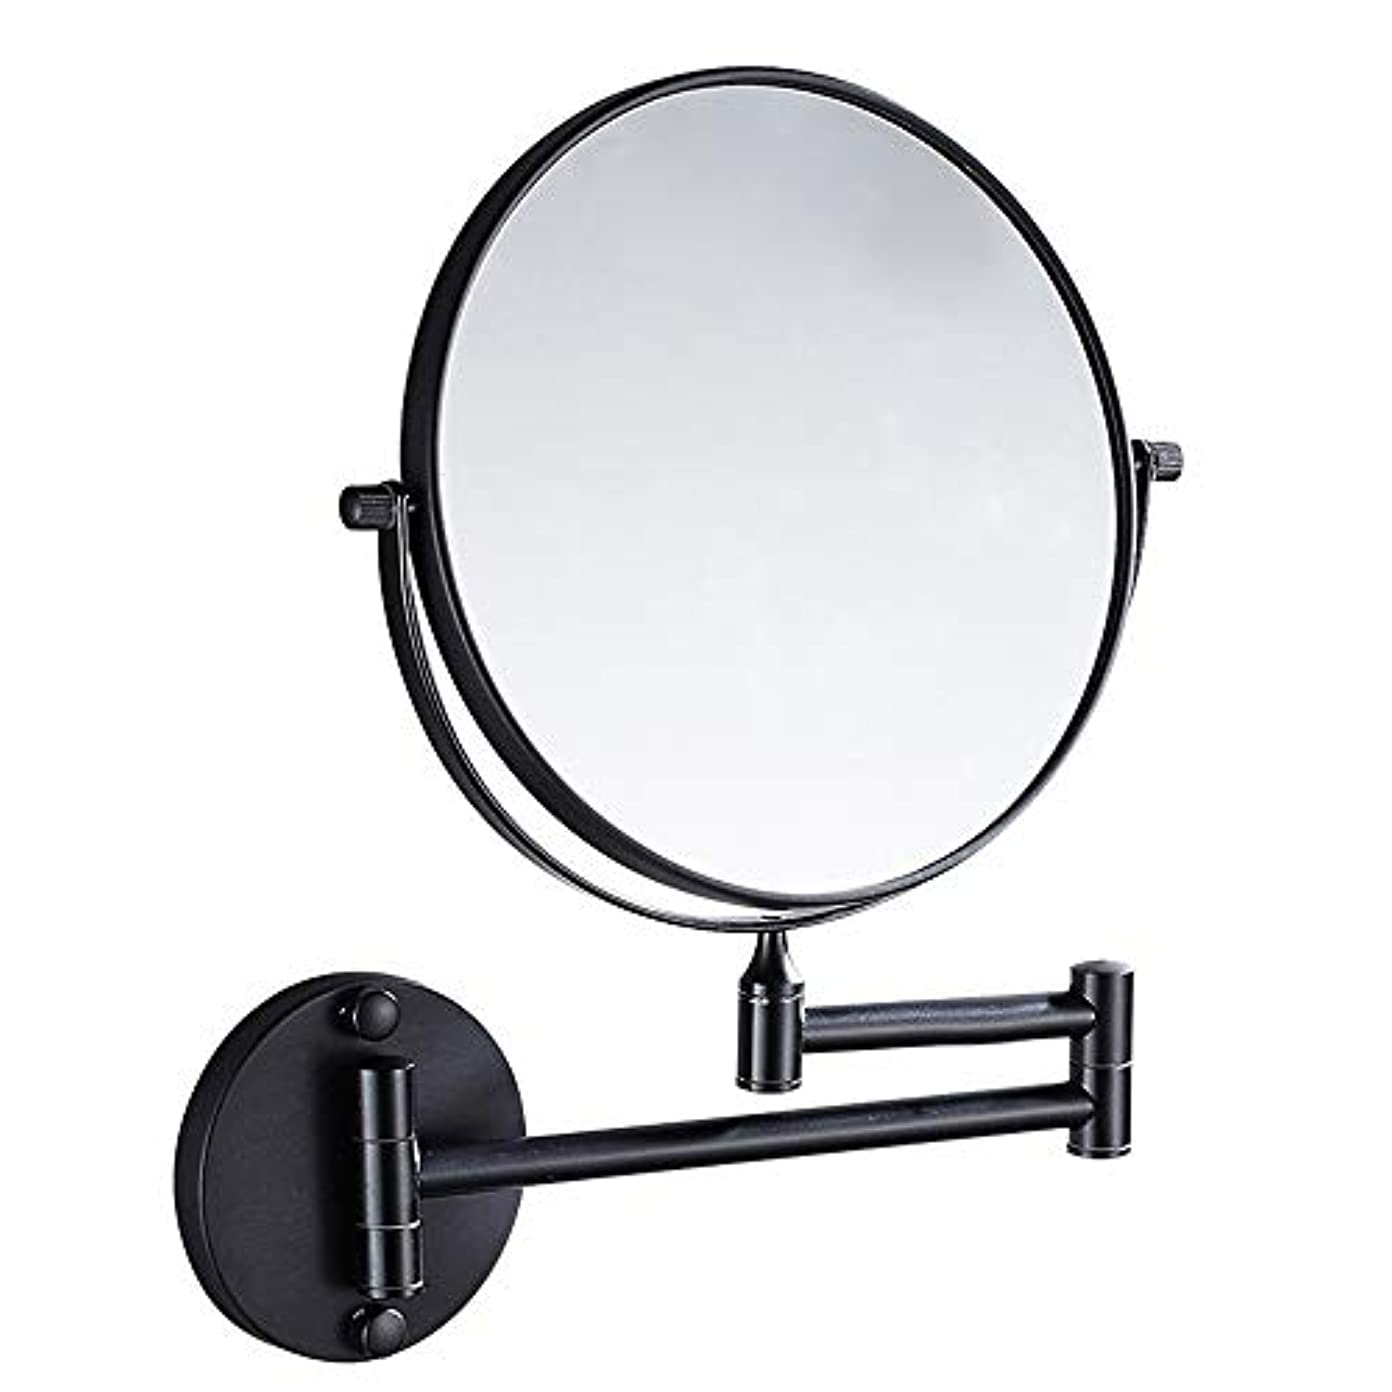 音楽家学期似ている流行の ブラック銅ミラー浴室壁掛け折りたたみ美容ミラー両面望遠鏡拡大鏡8インチパンチフリー